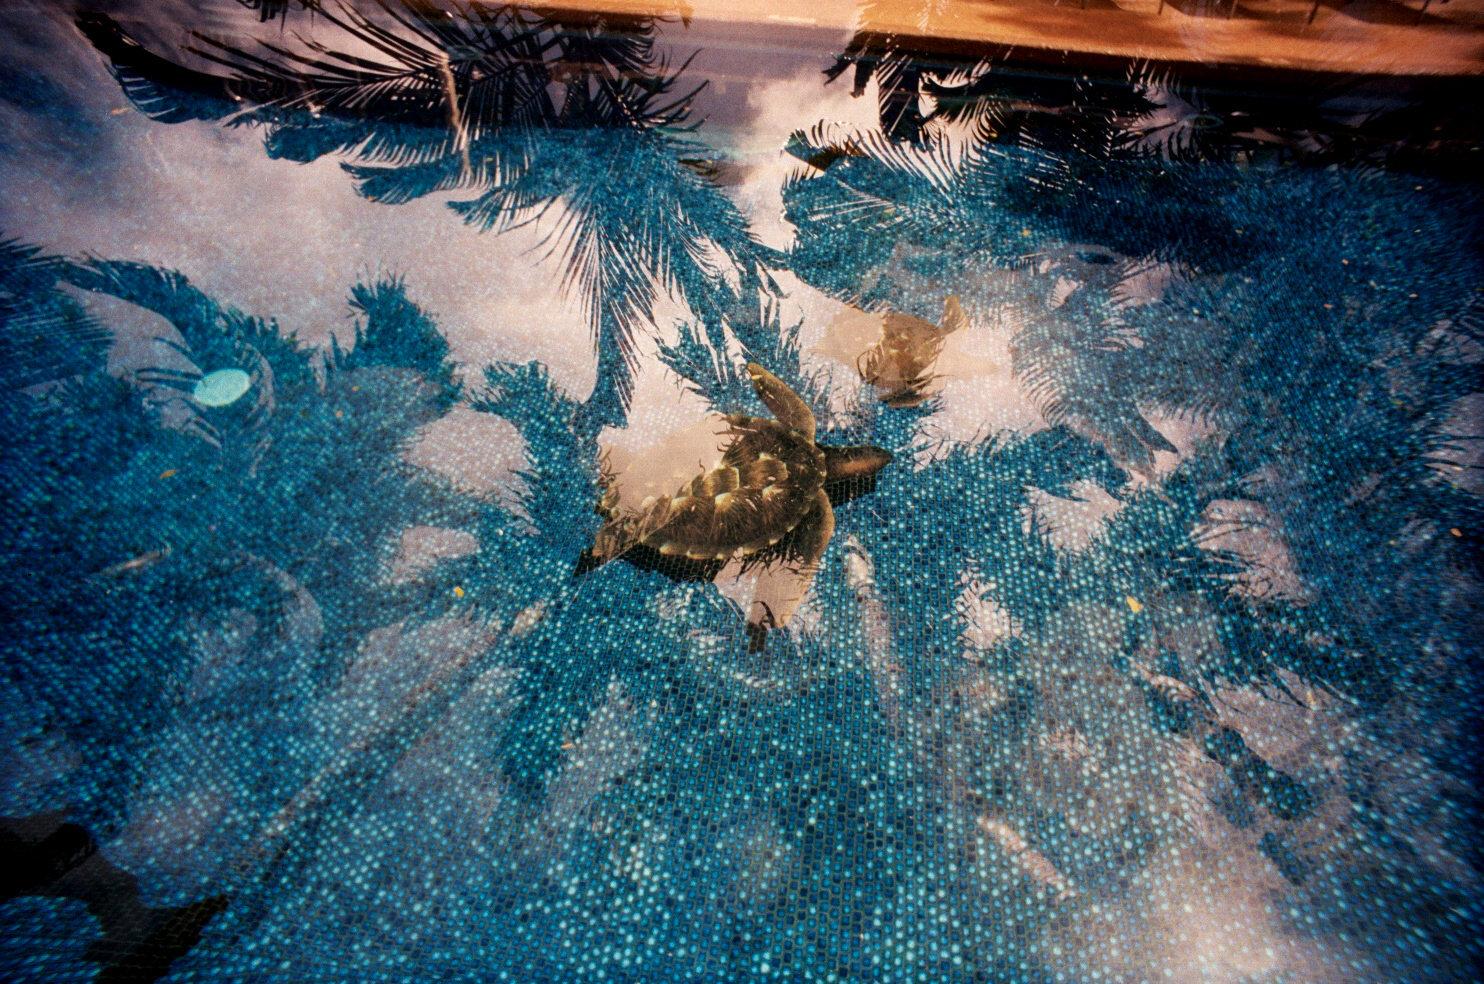 turtlepool.jpg